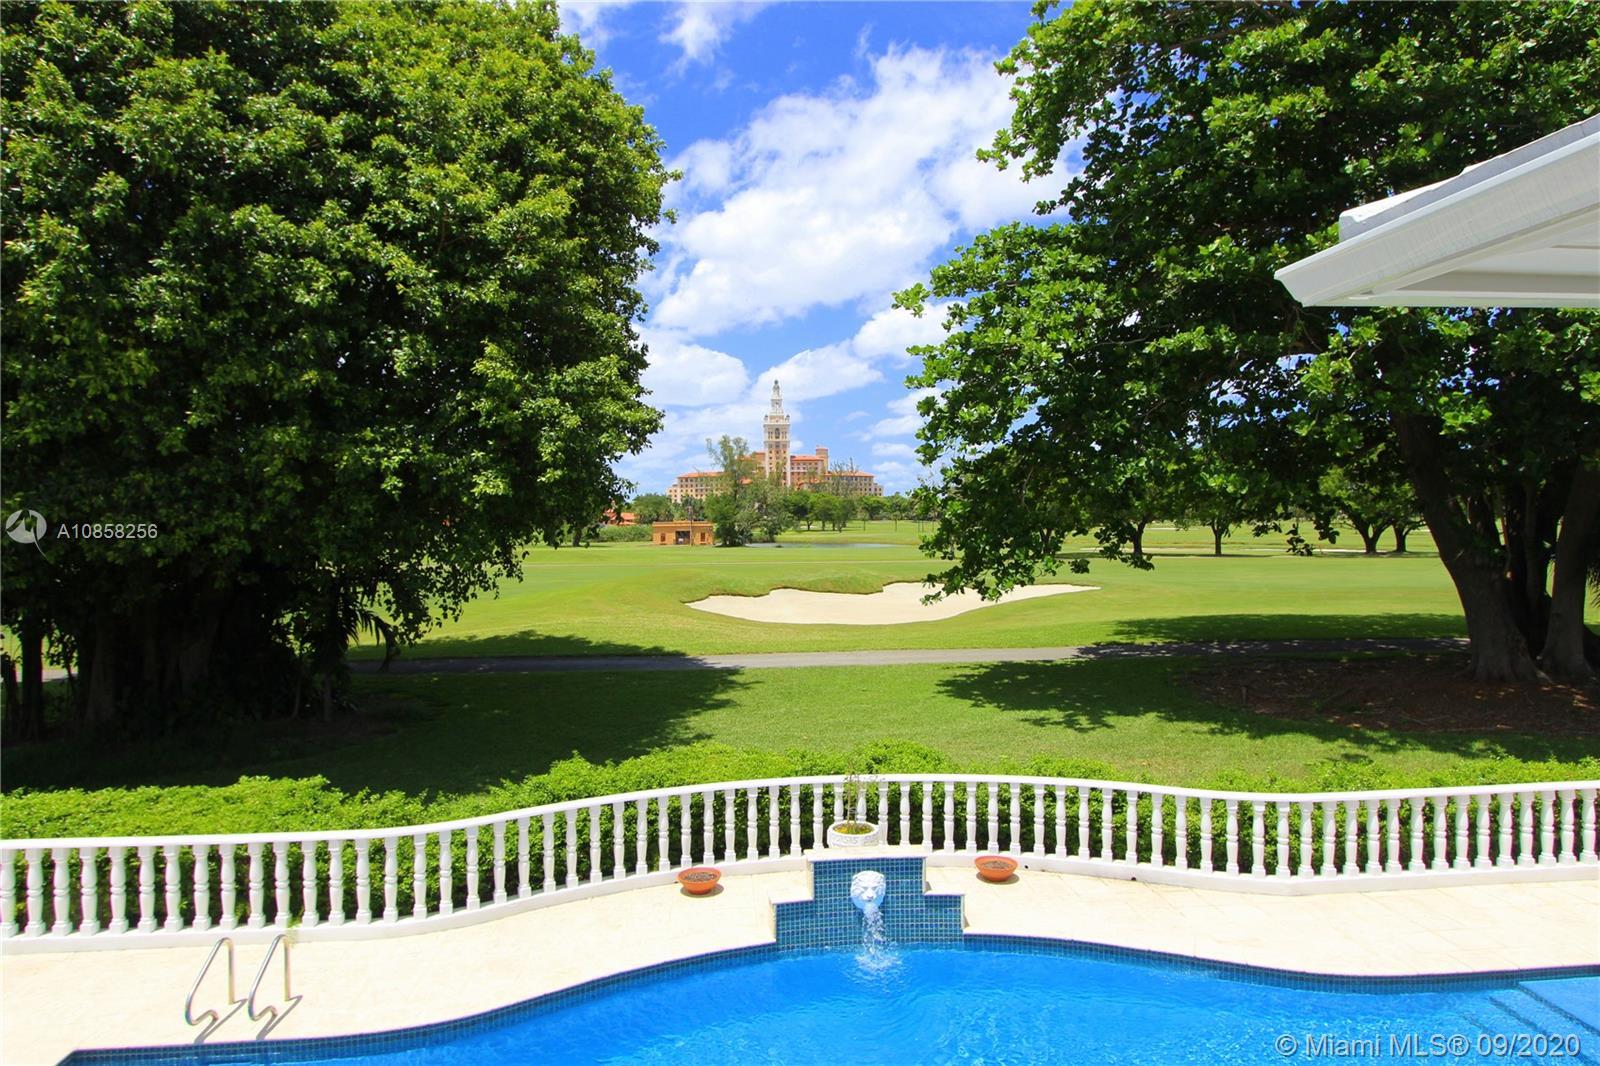 1241 Mariola Ct, Coral Gables, Florida 33134, 6 Bedrooms Bedrooms, ,6 BathroomsBathrooms,Residential,For Sale,1241 Mariola Ct,A10858256